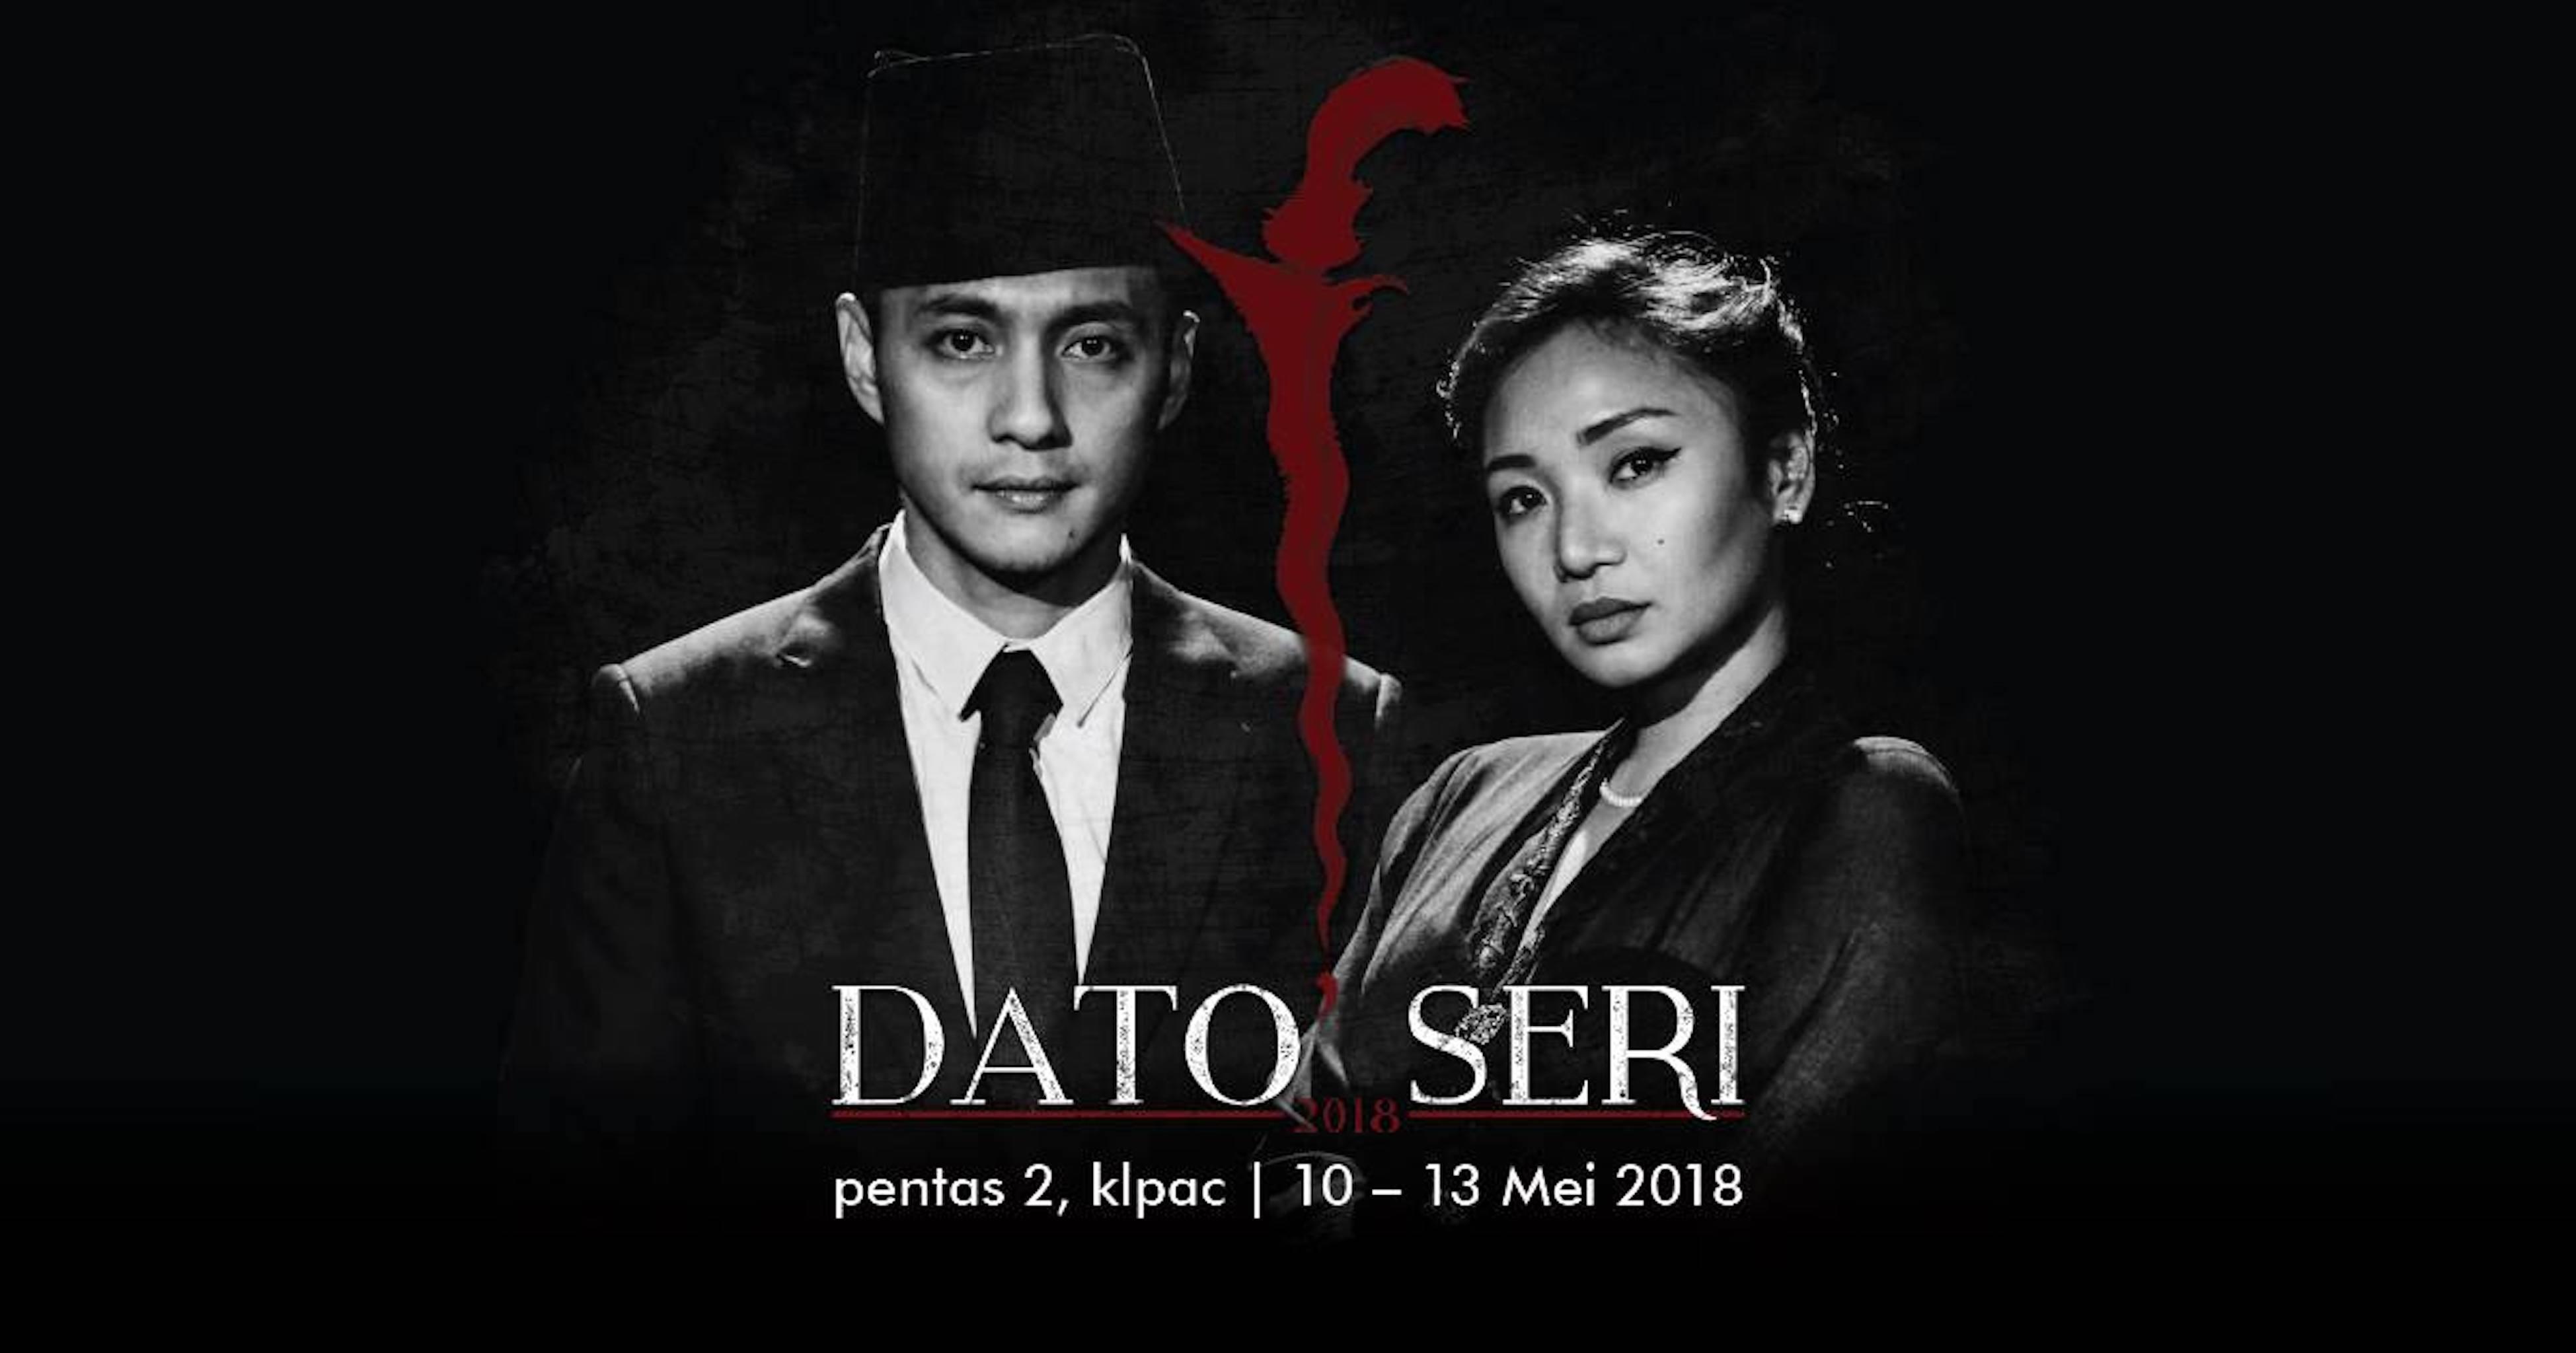 2018 Dato Seri cover